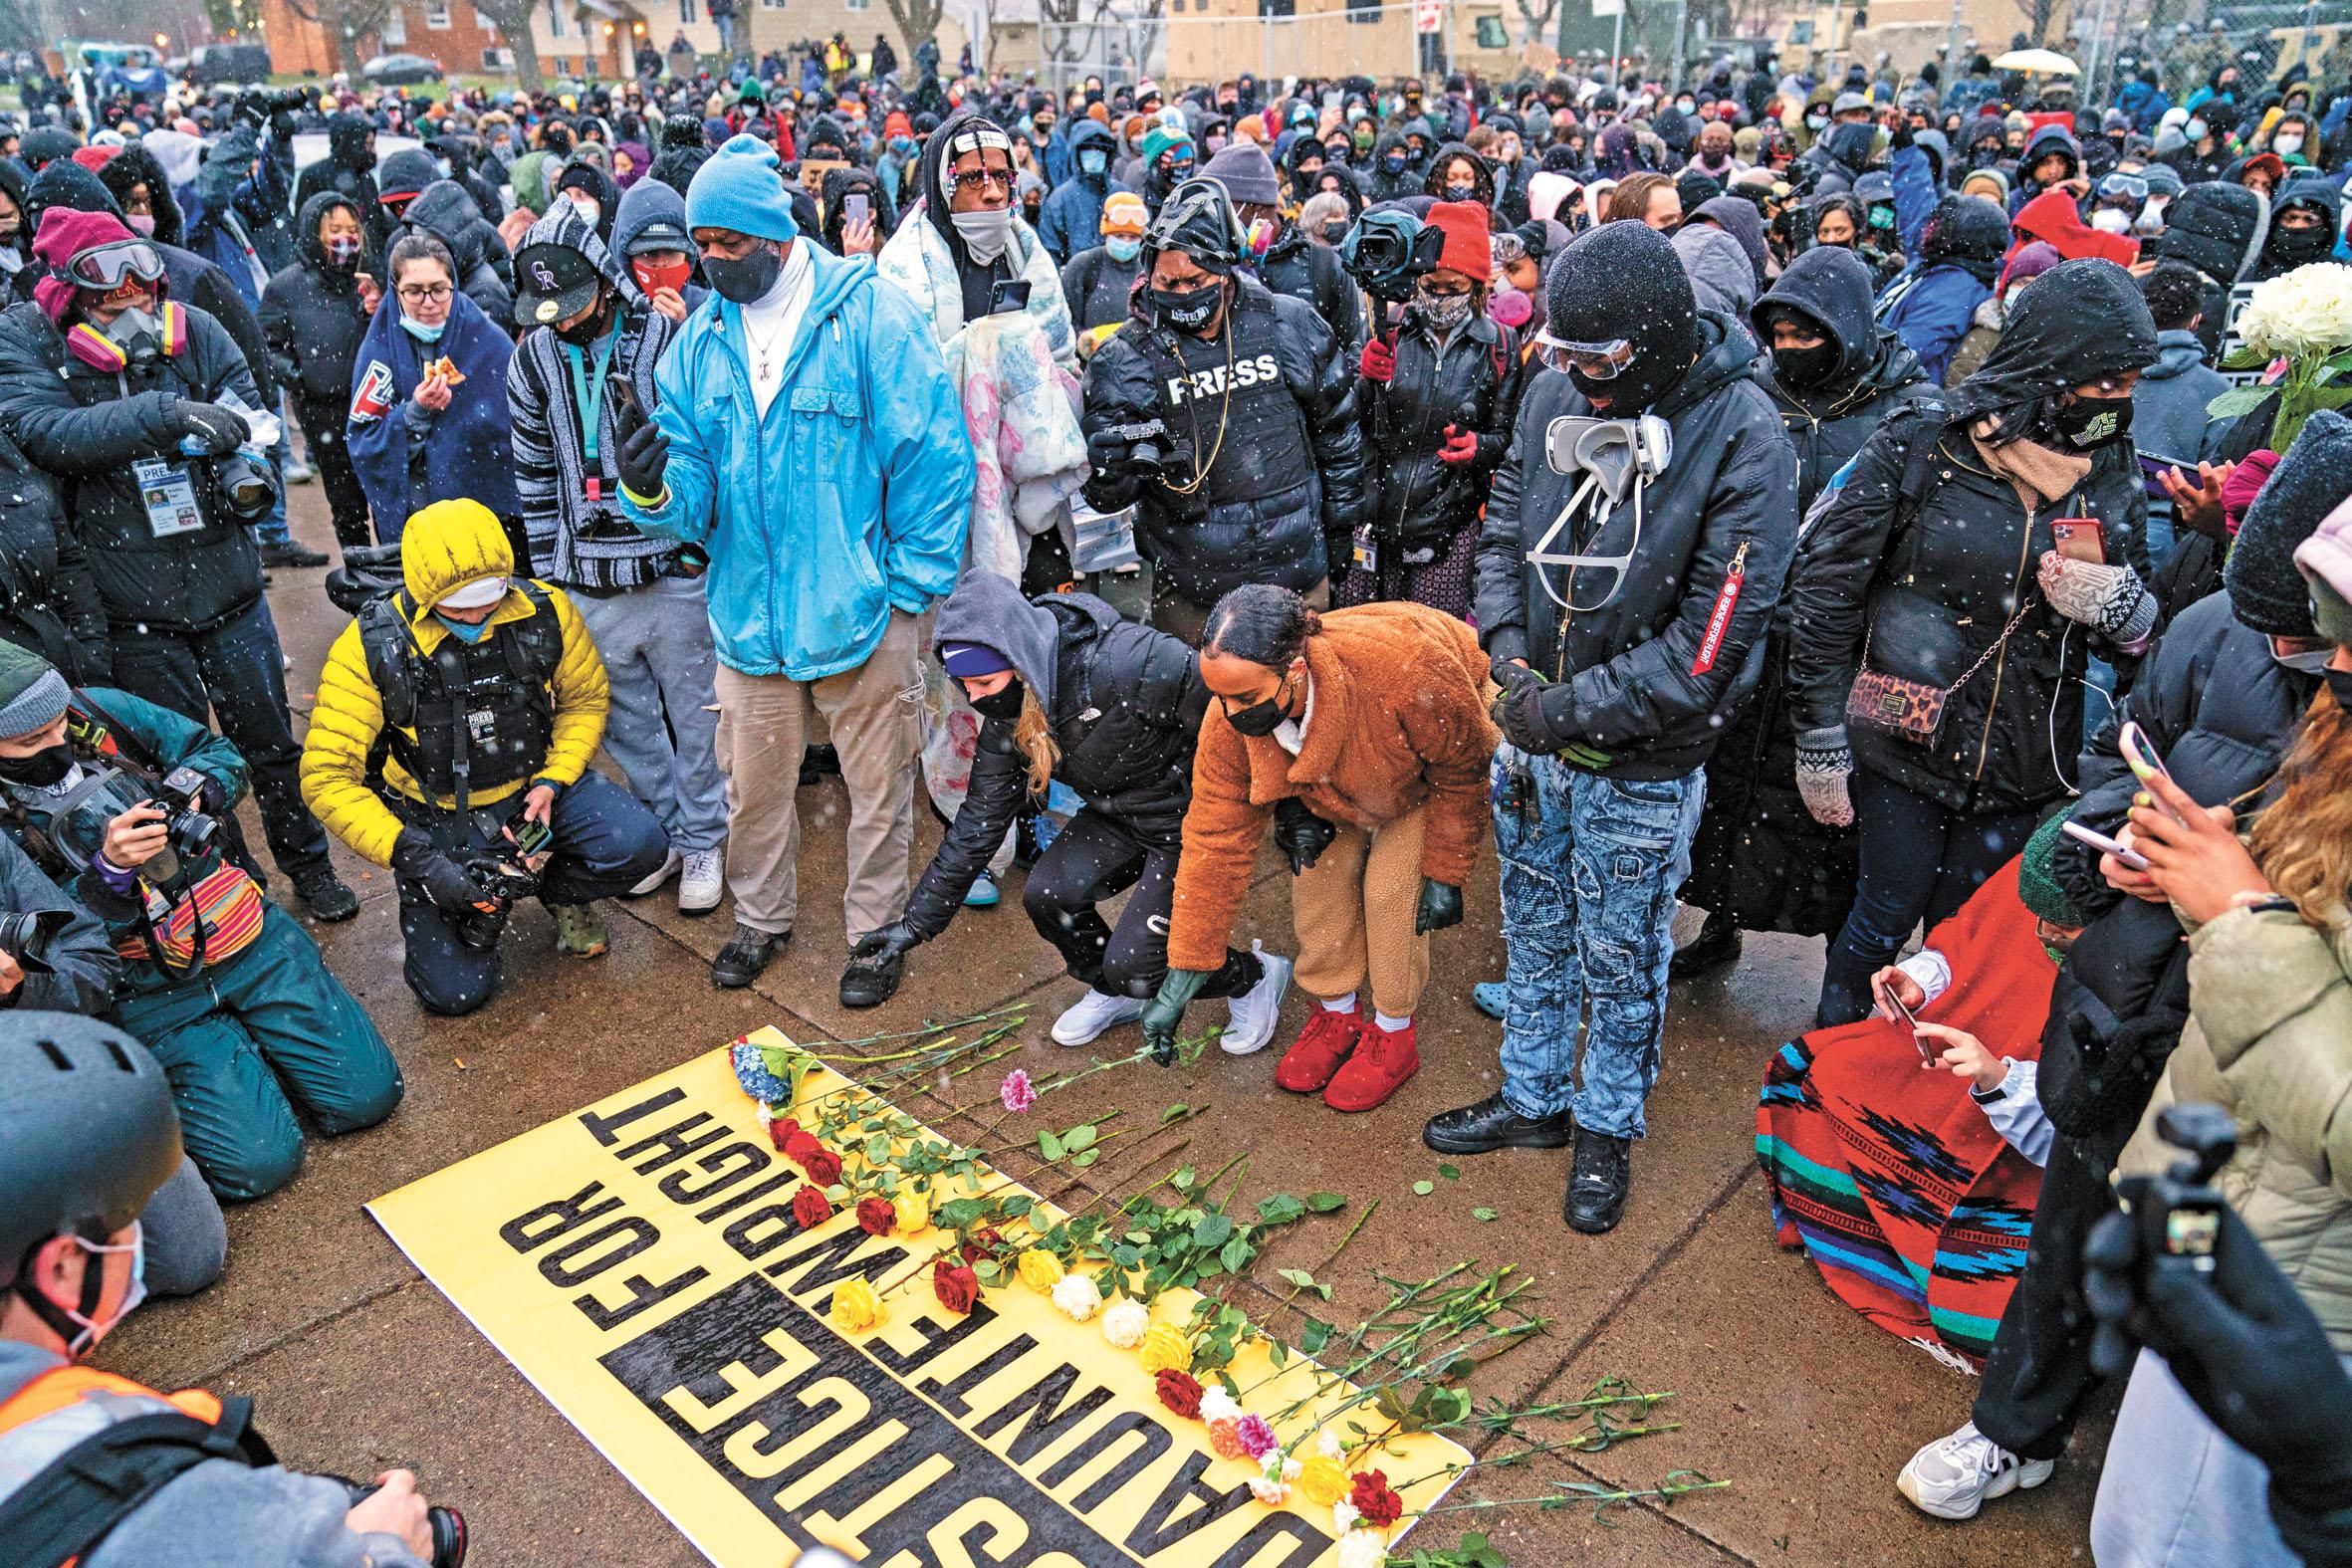 示威者聚集在明尼蘇達州布魯克林中心警察局外面,地面放滿鮮花,抗議非裔男子懷特被警官波特(小圖)槍殺。美聯社